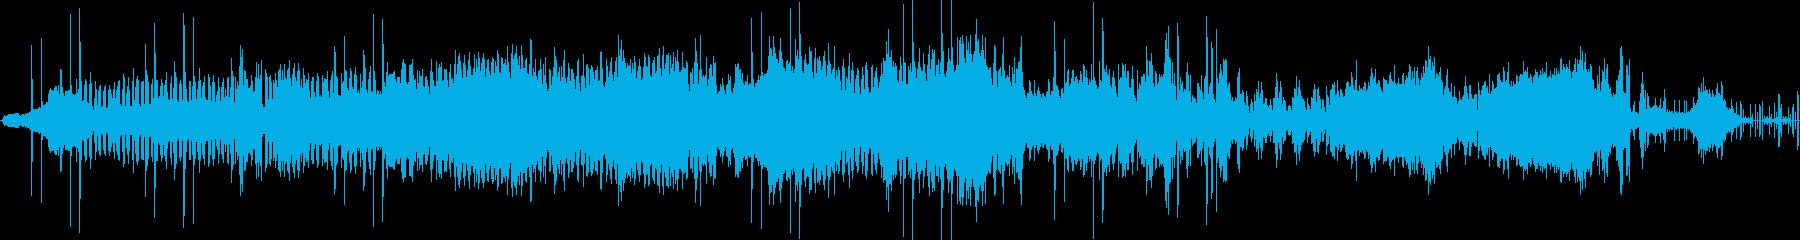 エレクトロ 技術的な 繰り返しの ...の再生済みの波形